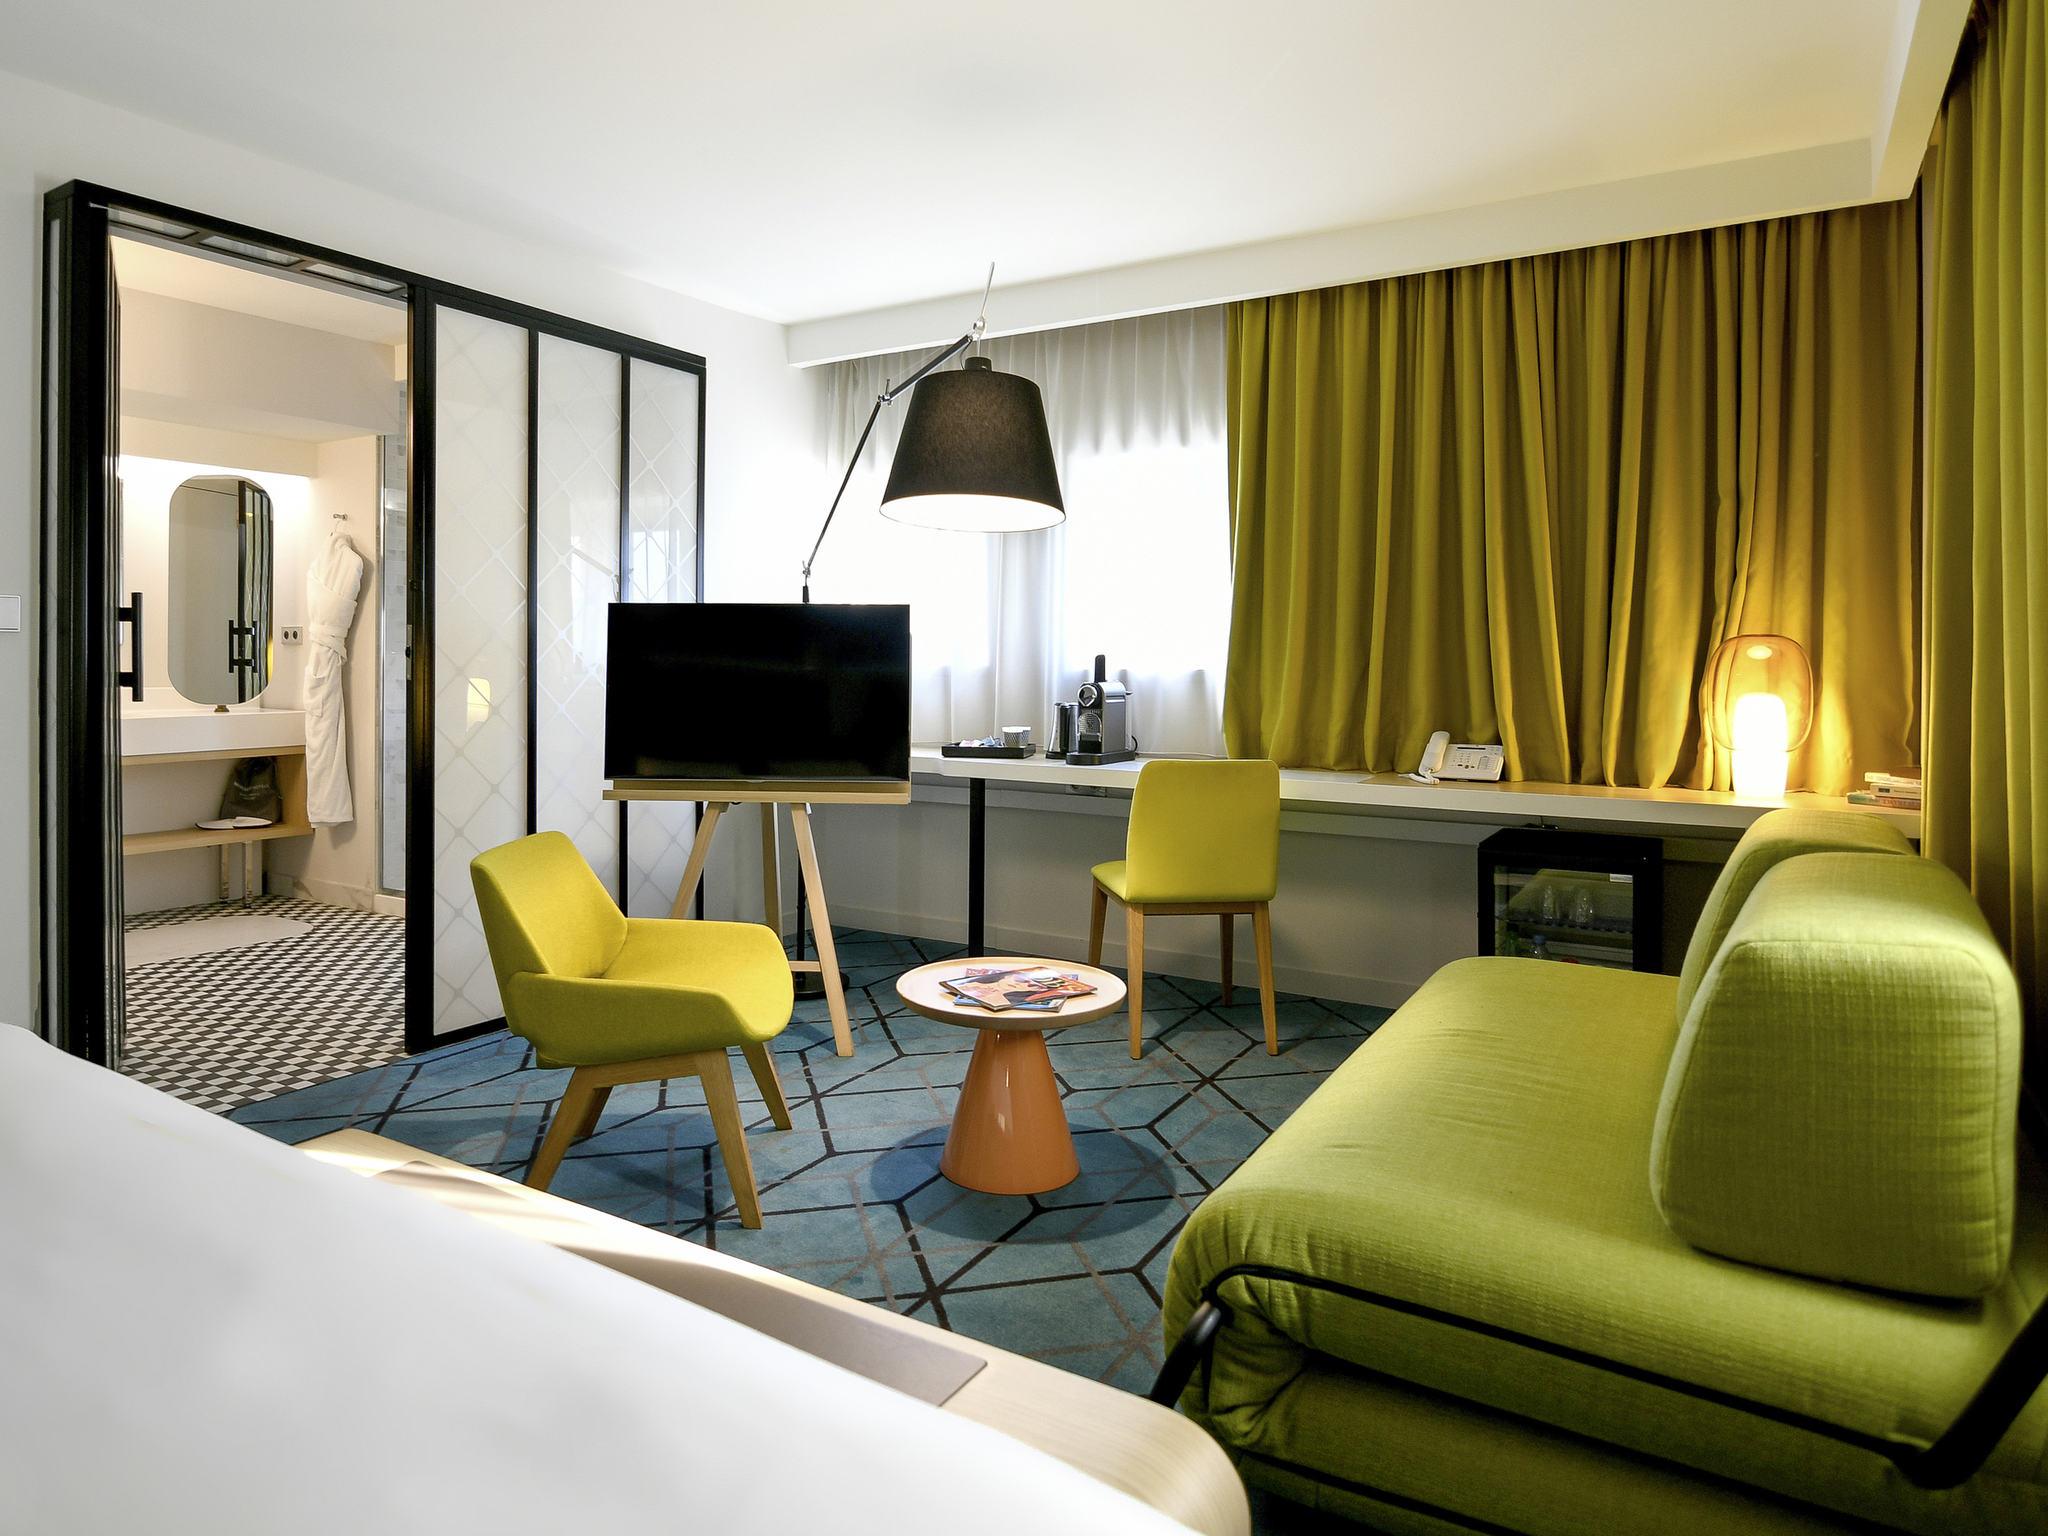 Hotel – Albergo Mercure Nantes Centre Gare